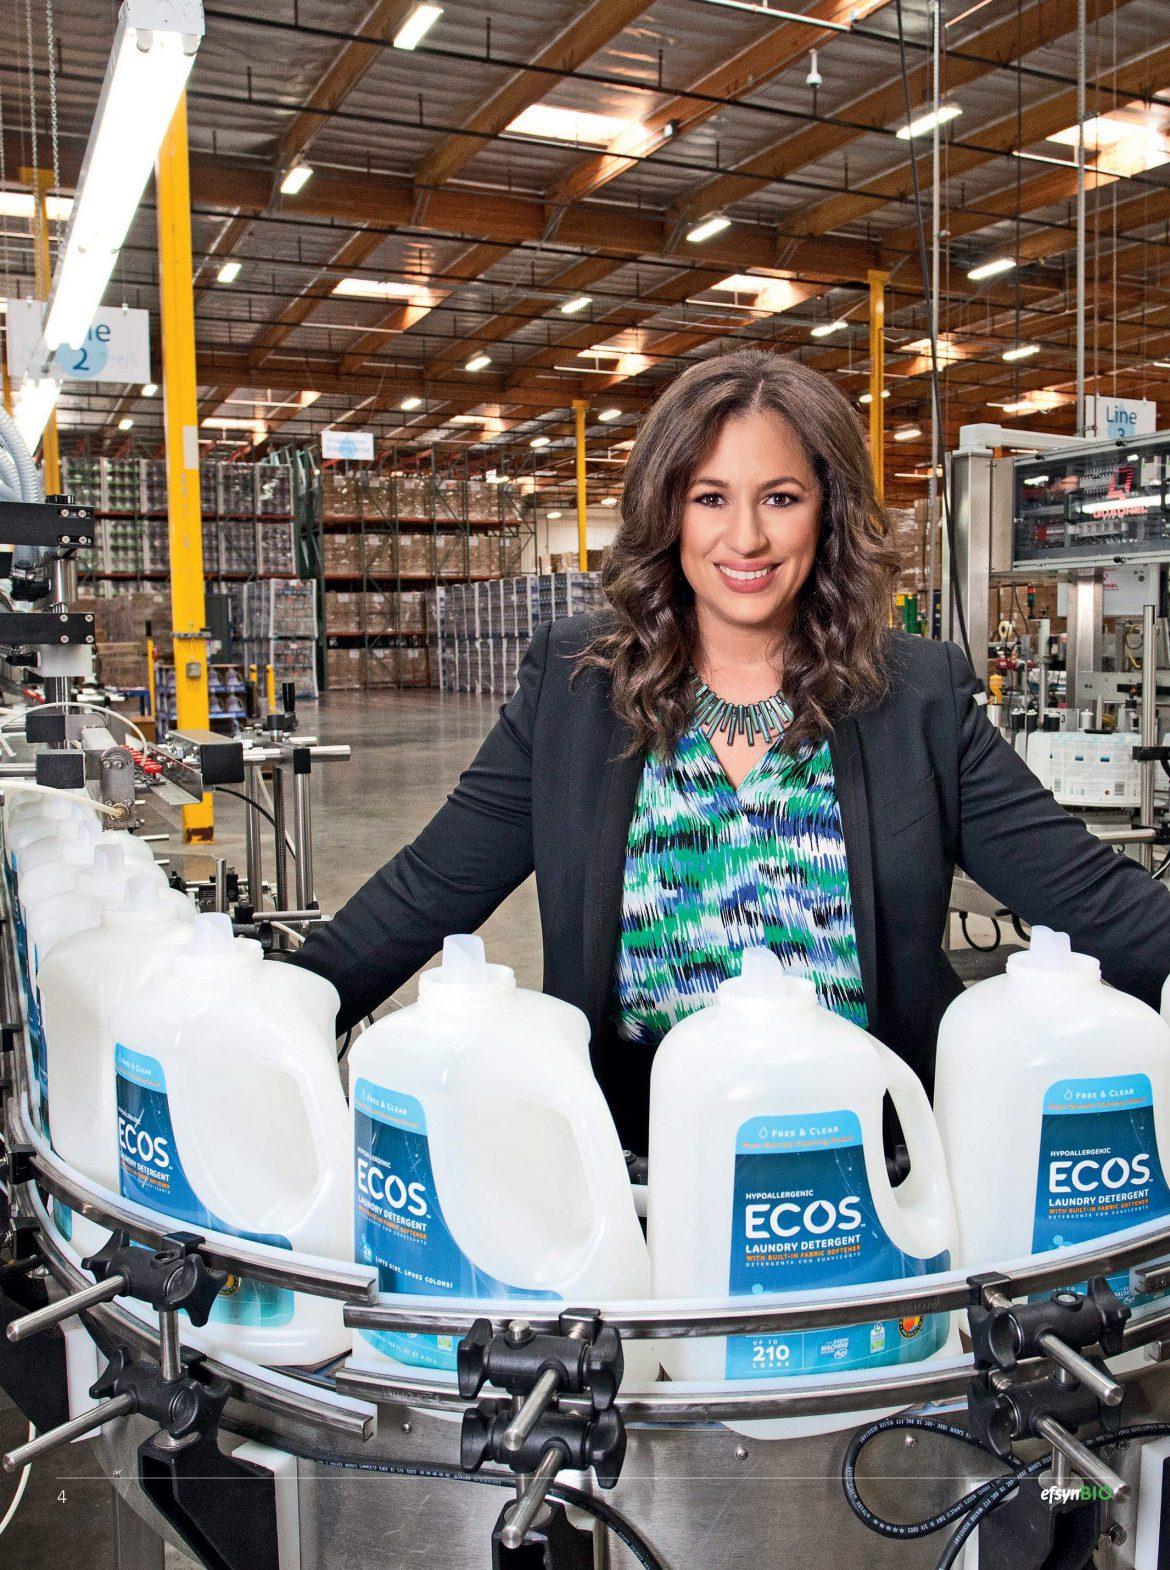 Κέλλυ Βλαχάκη-Χάνκς: Πρέσβειρα της Βιώσιμης Ανάπτυξης